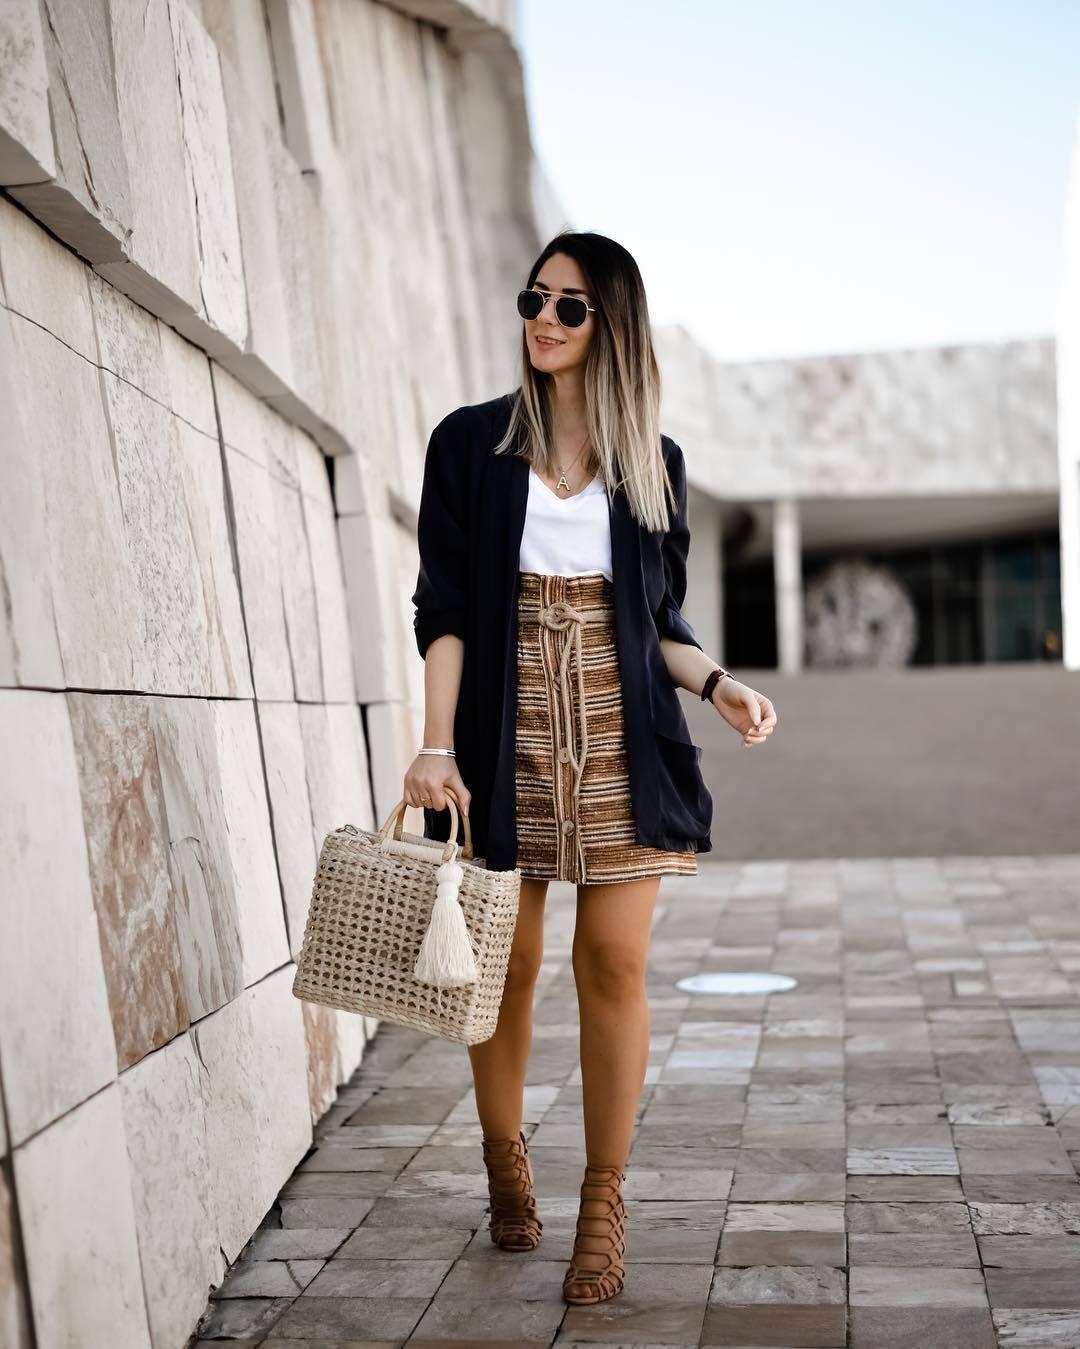 sweater blazer navy high waisted skirt mini skirt sandal heels handbag white t-shirt v neck